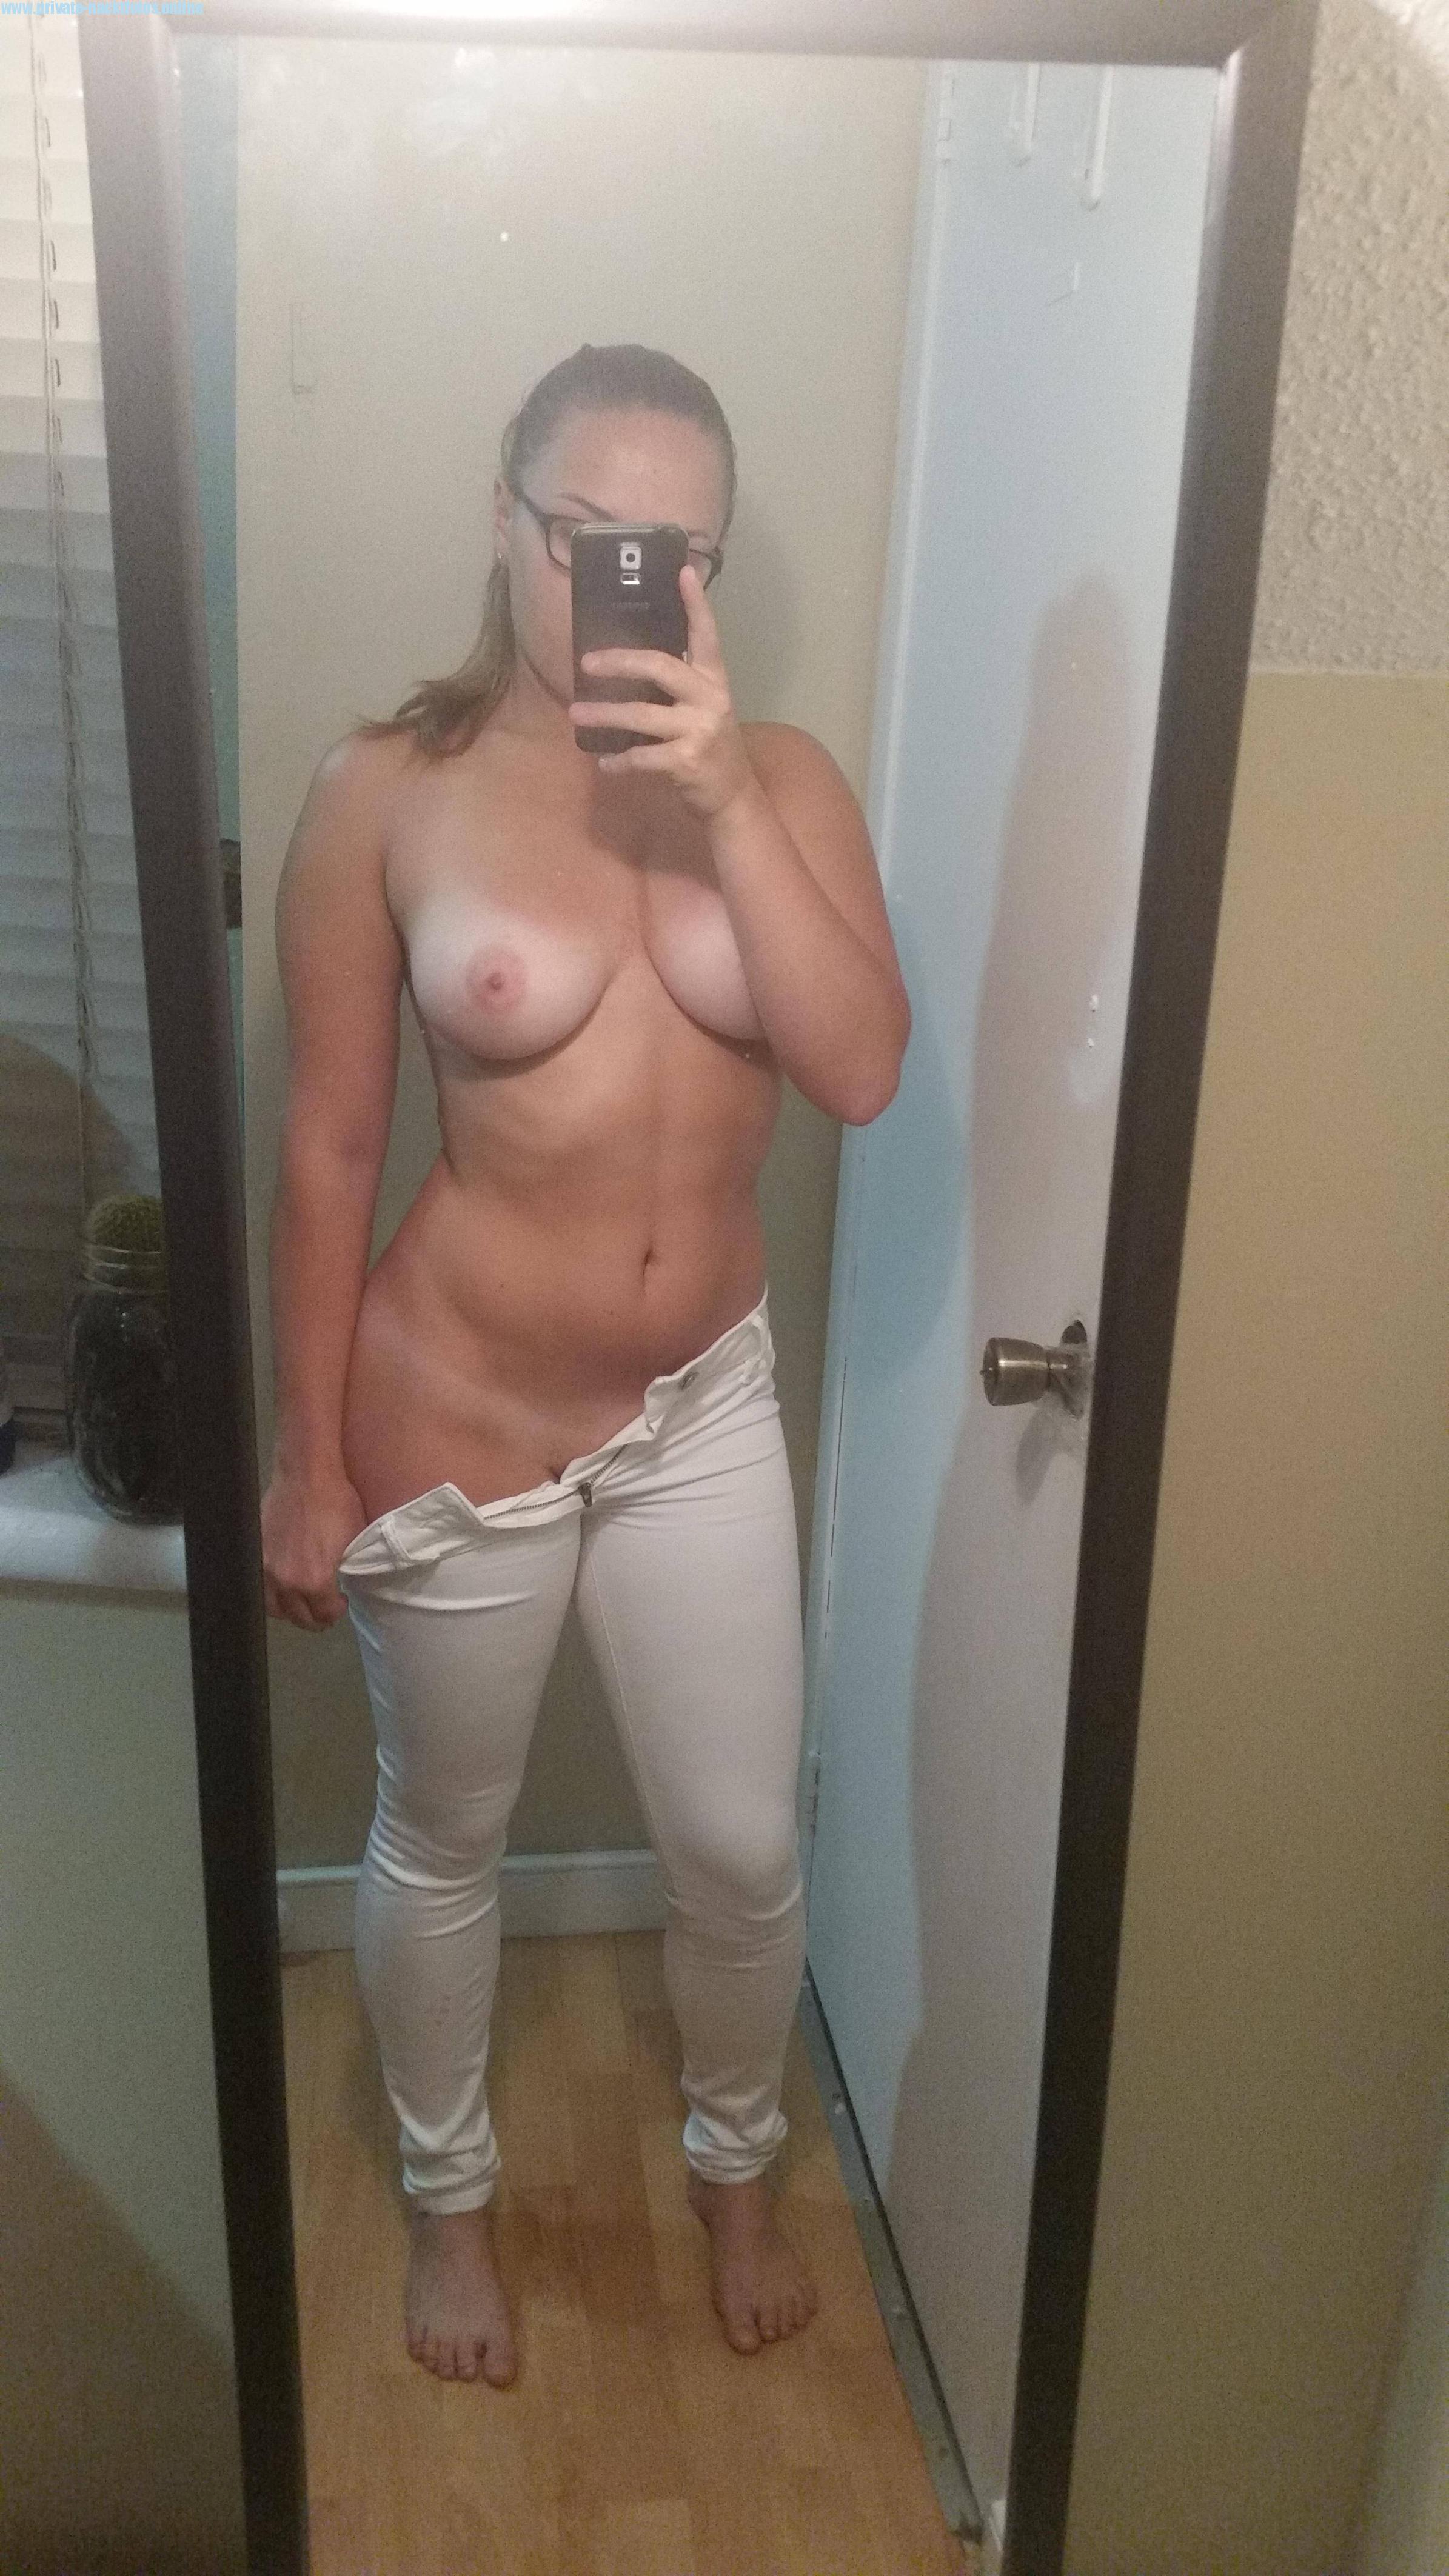 In Weisser Hose Oben Ohne Vor Dem Spiegel Selfie Gemacht